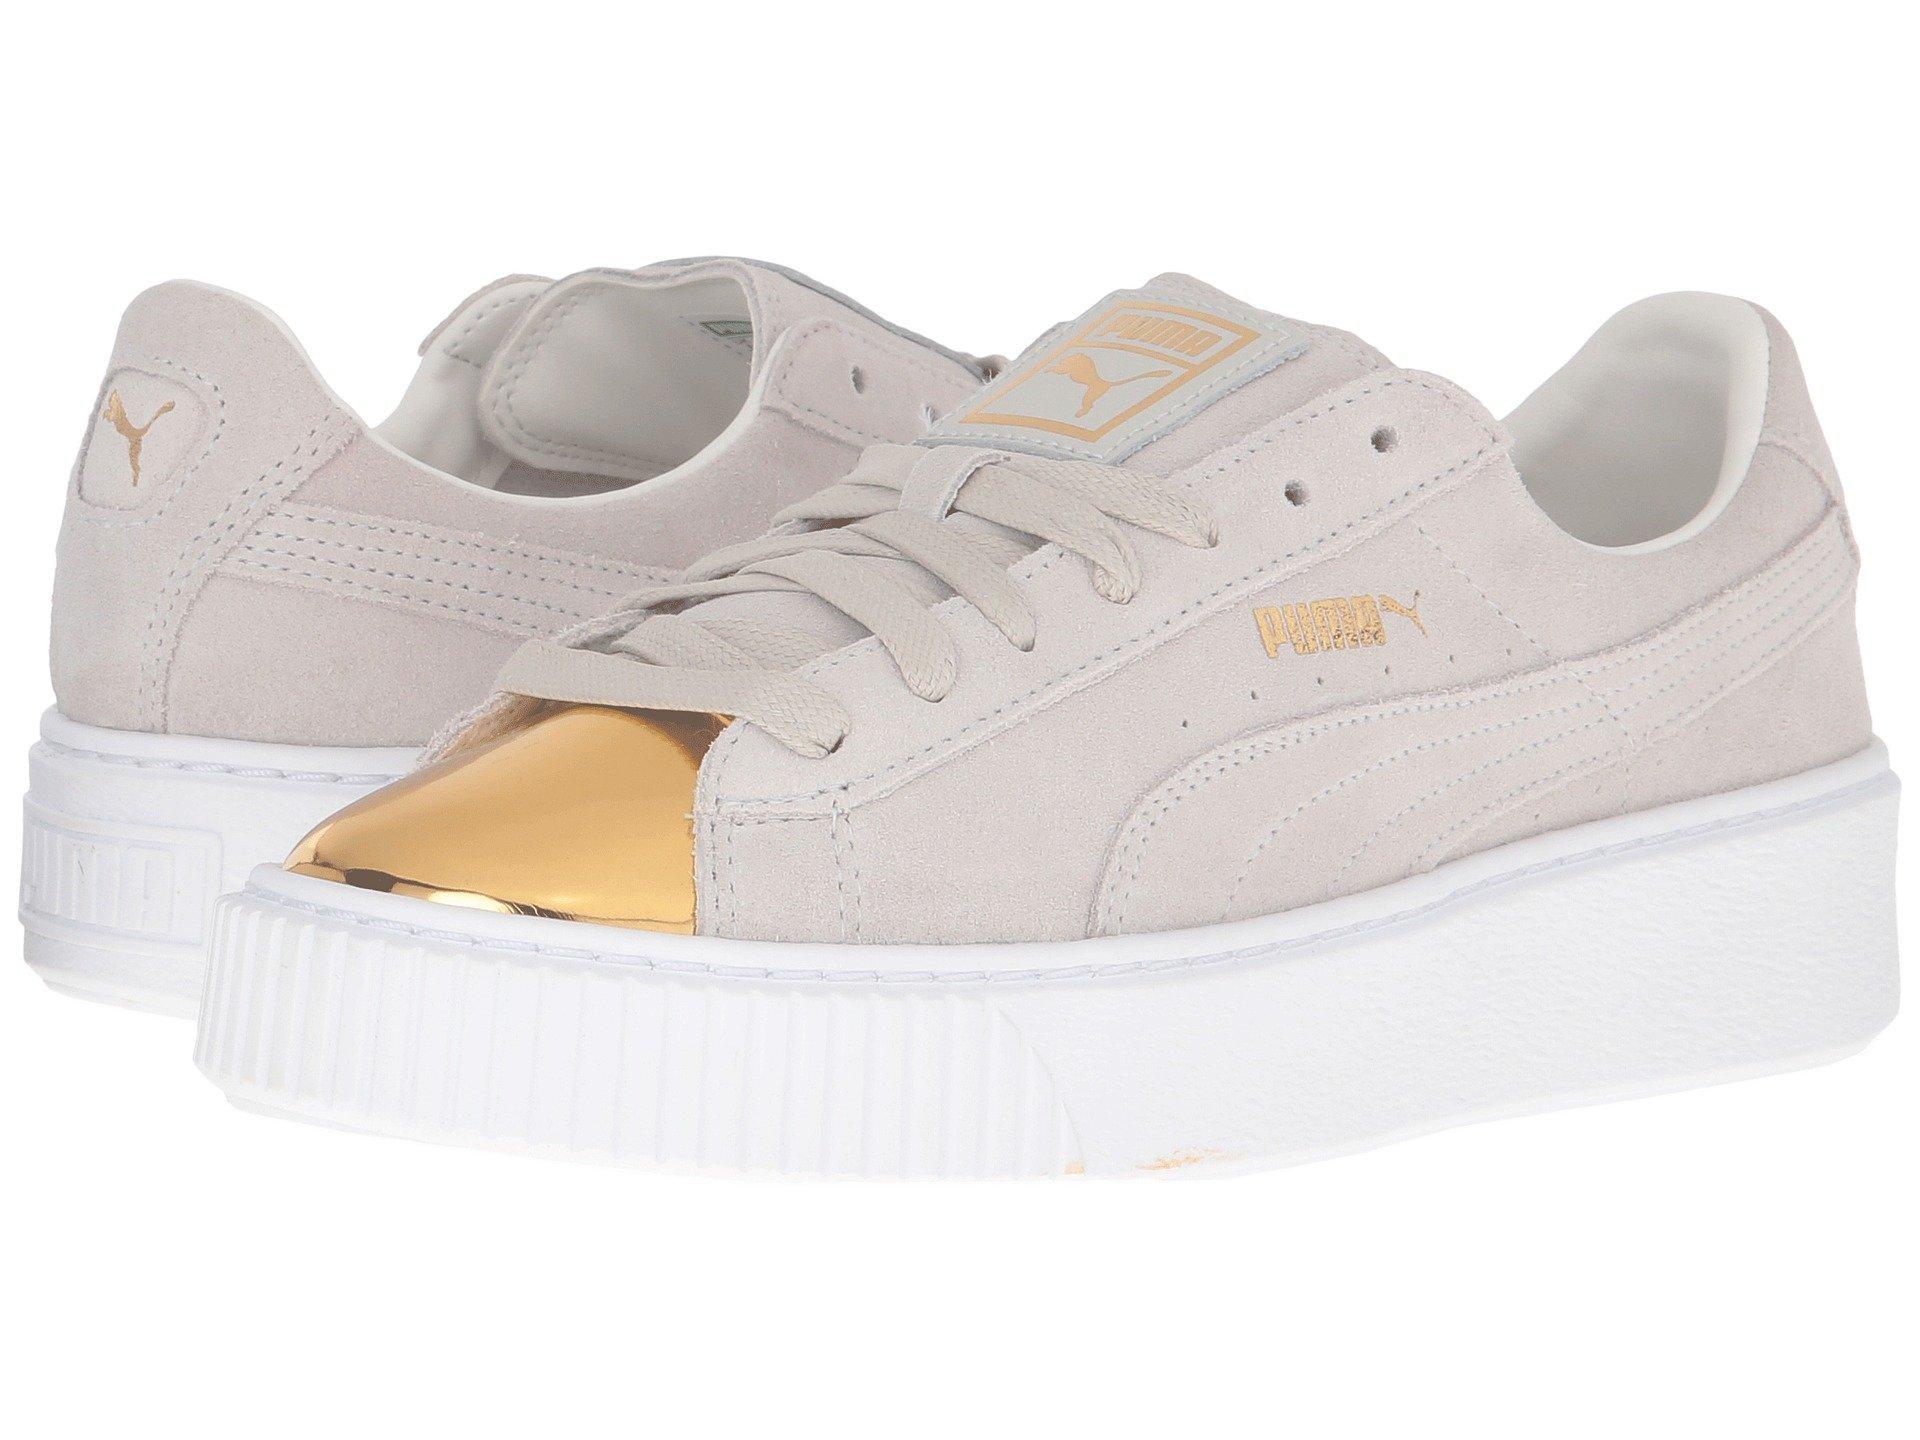 Puma Suede Platform Gold In Gold Star White  White  94425bcdf